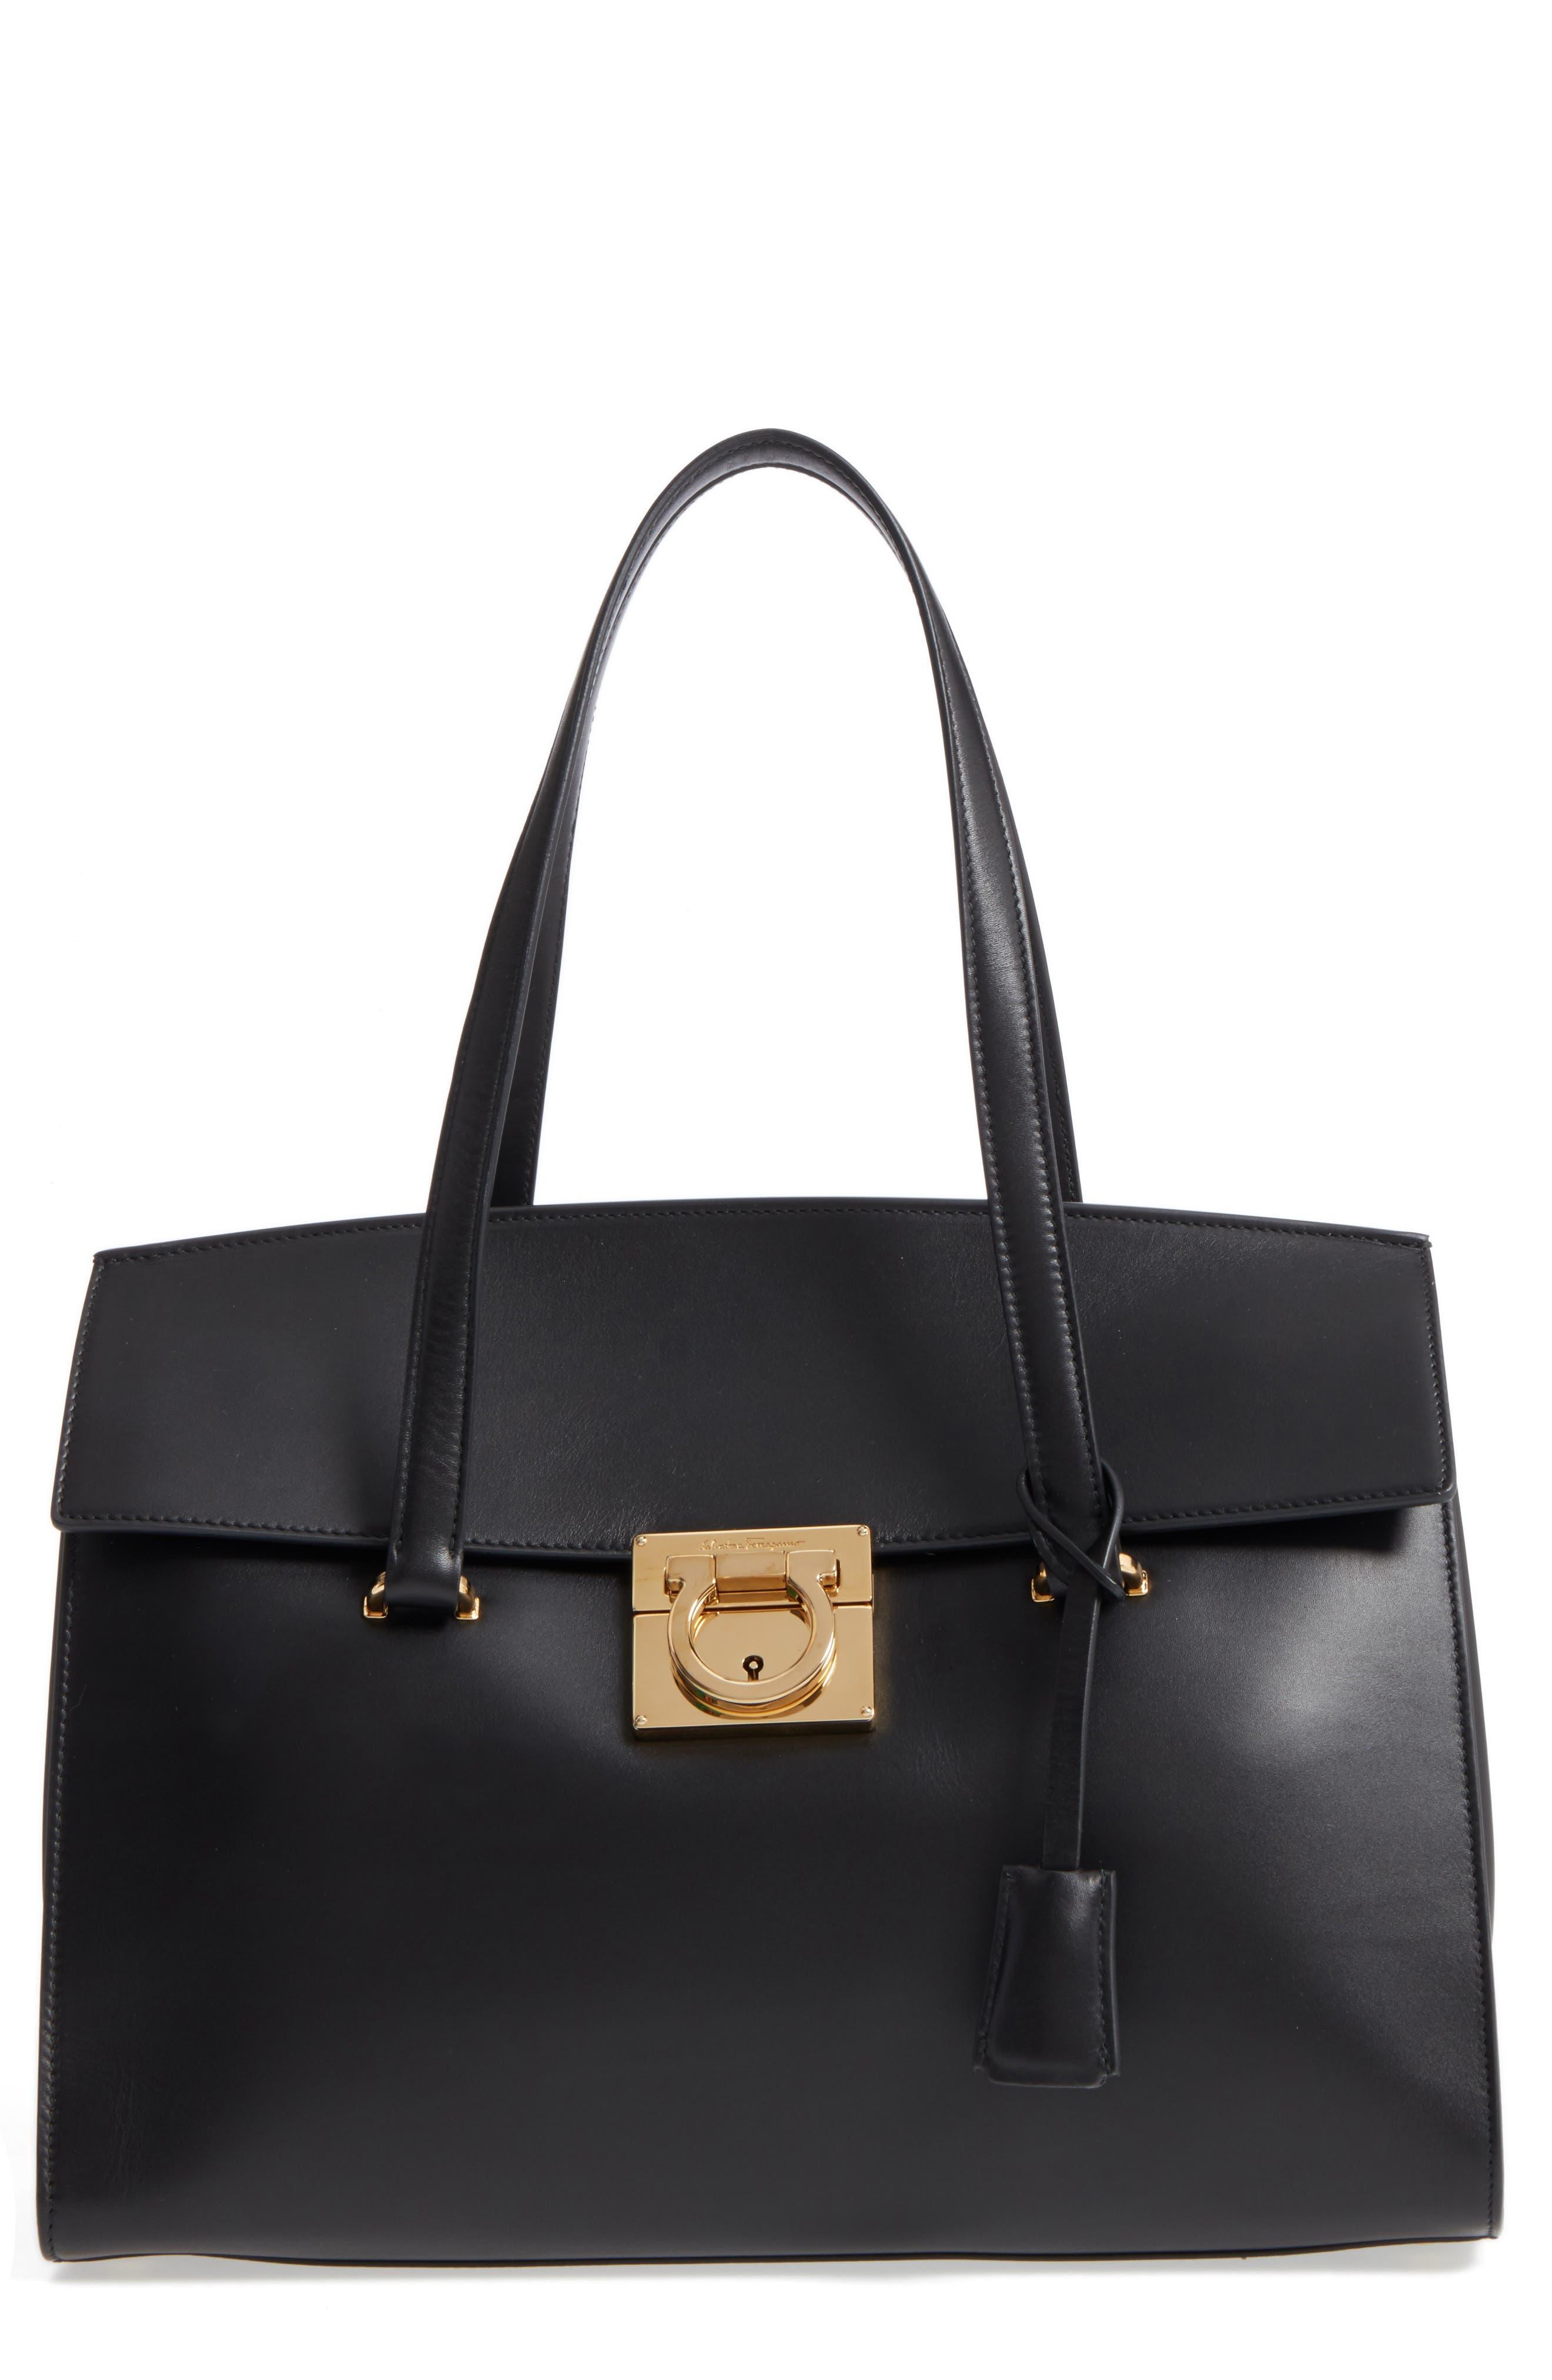 Medium Mara Leather Satchel,                         Main,                         color, Nero